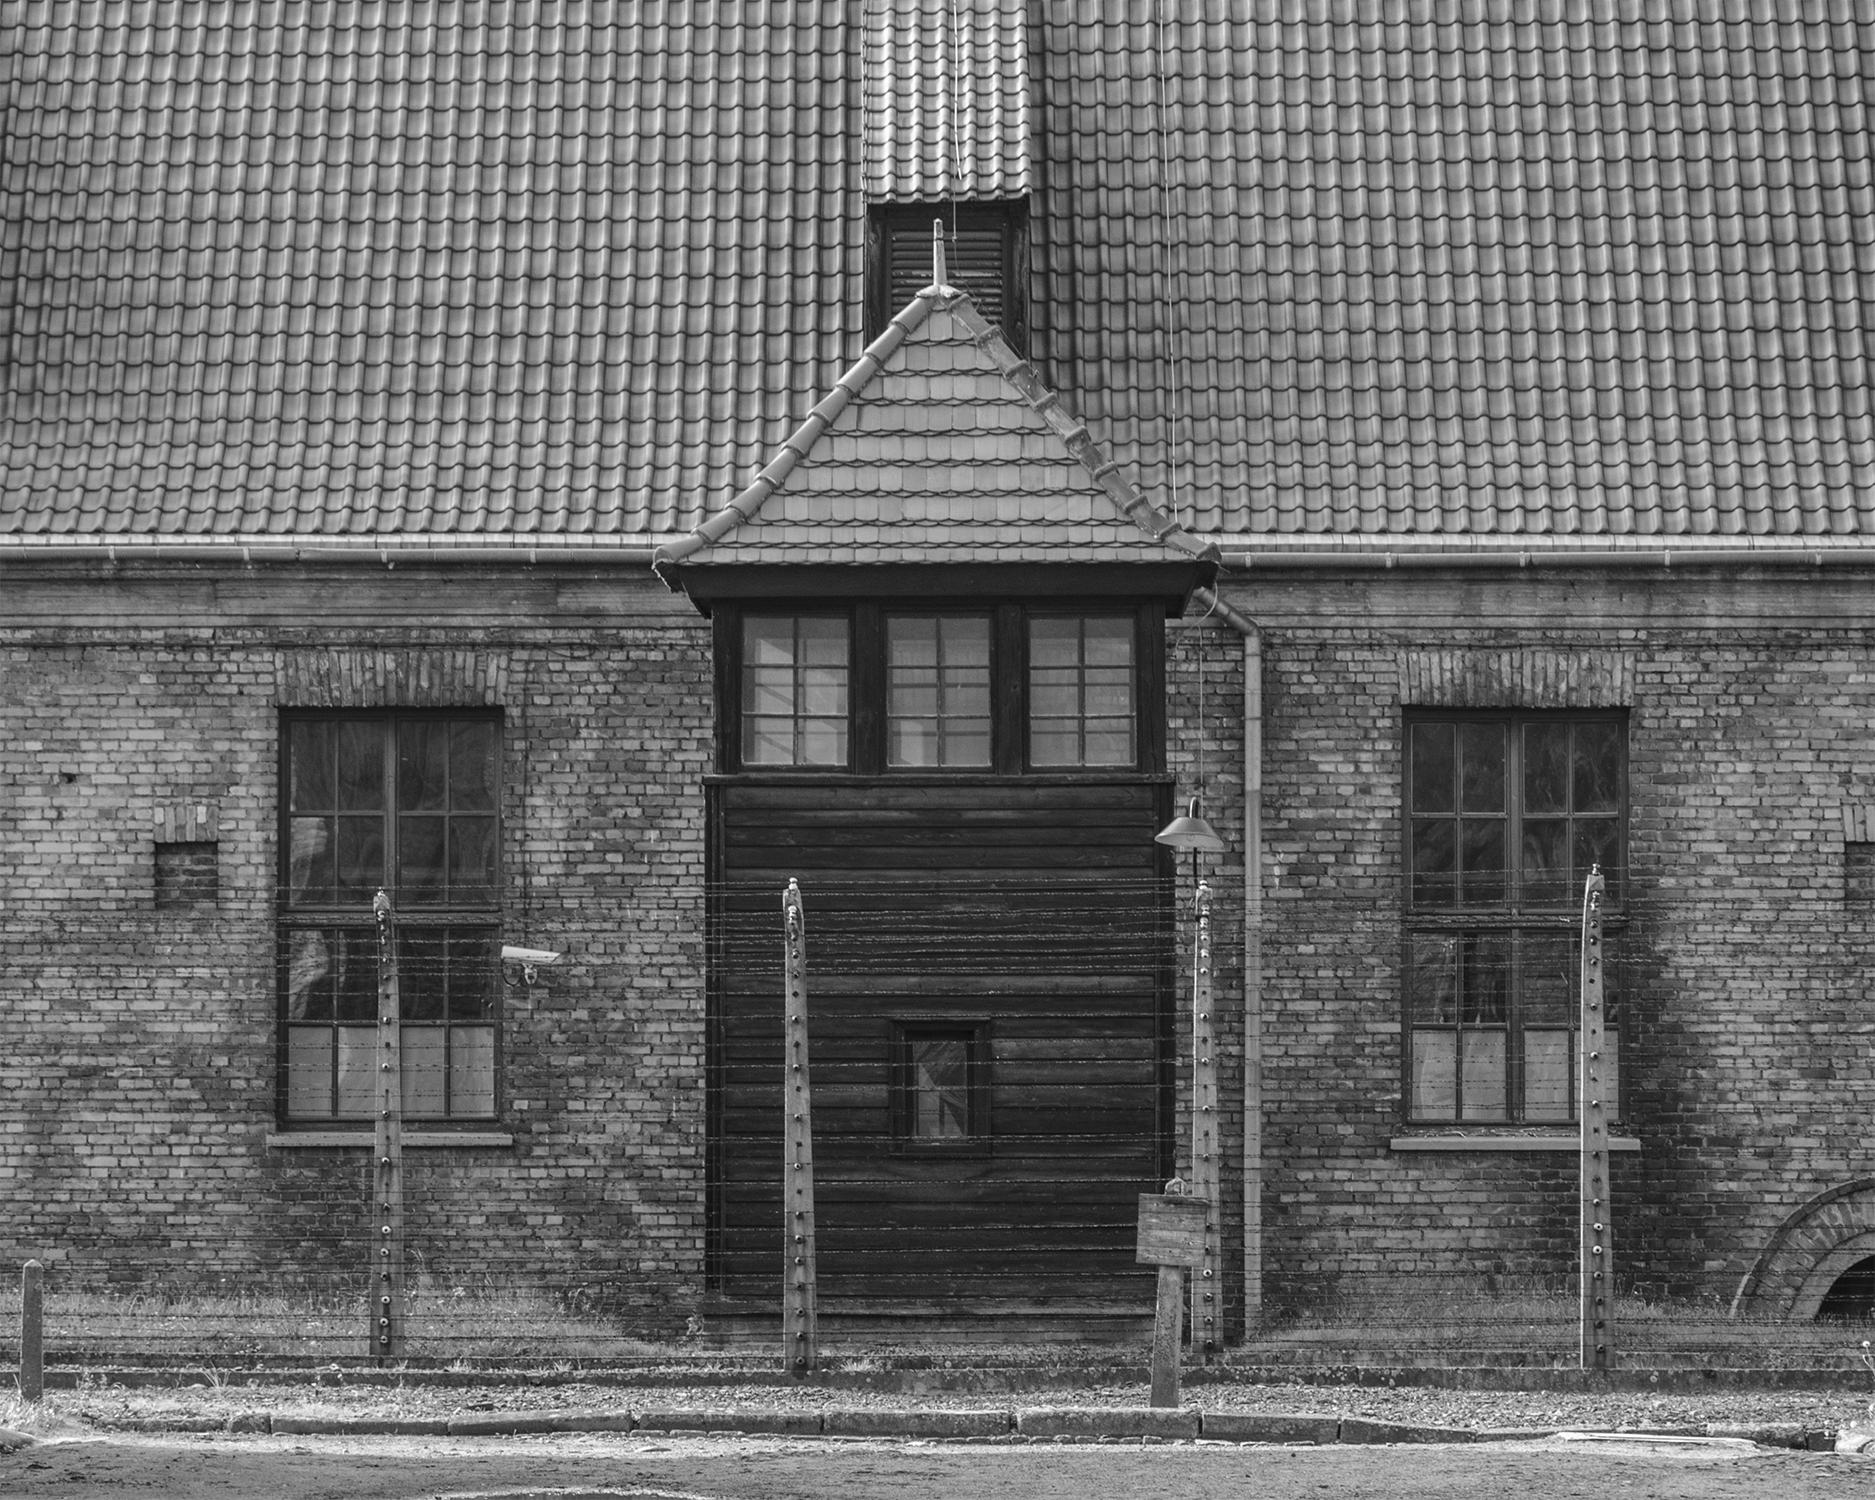 Auschwitz I-edificio con torretta di guardia-3114.jpg